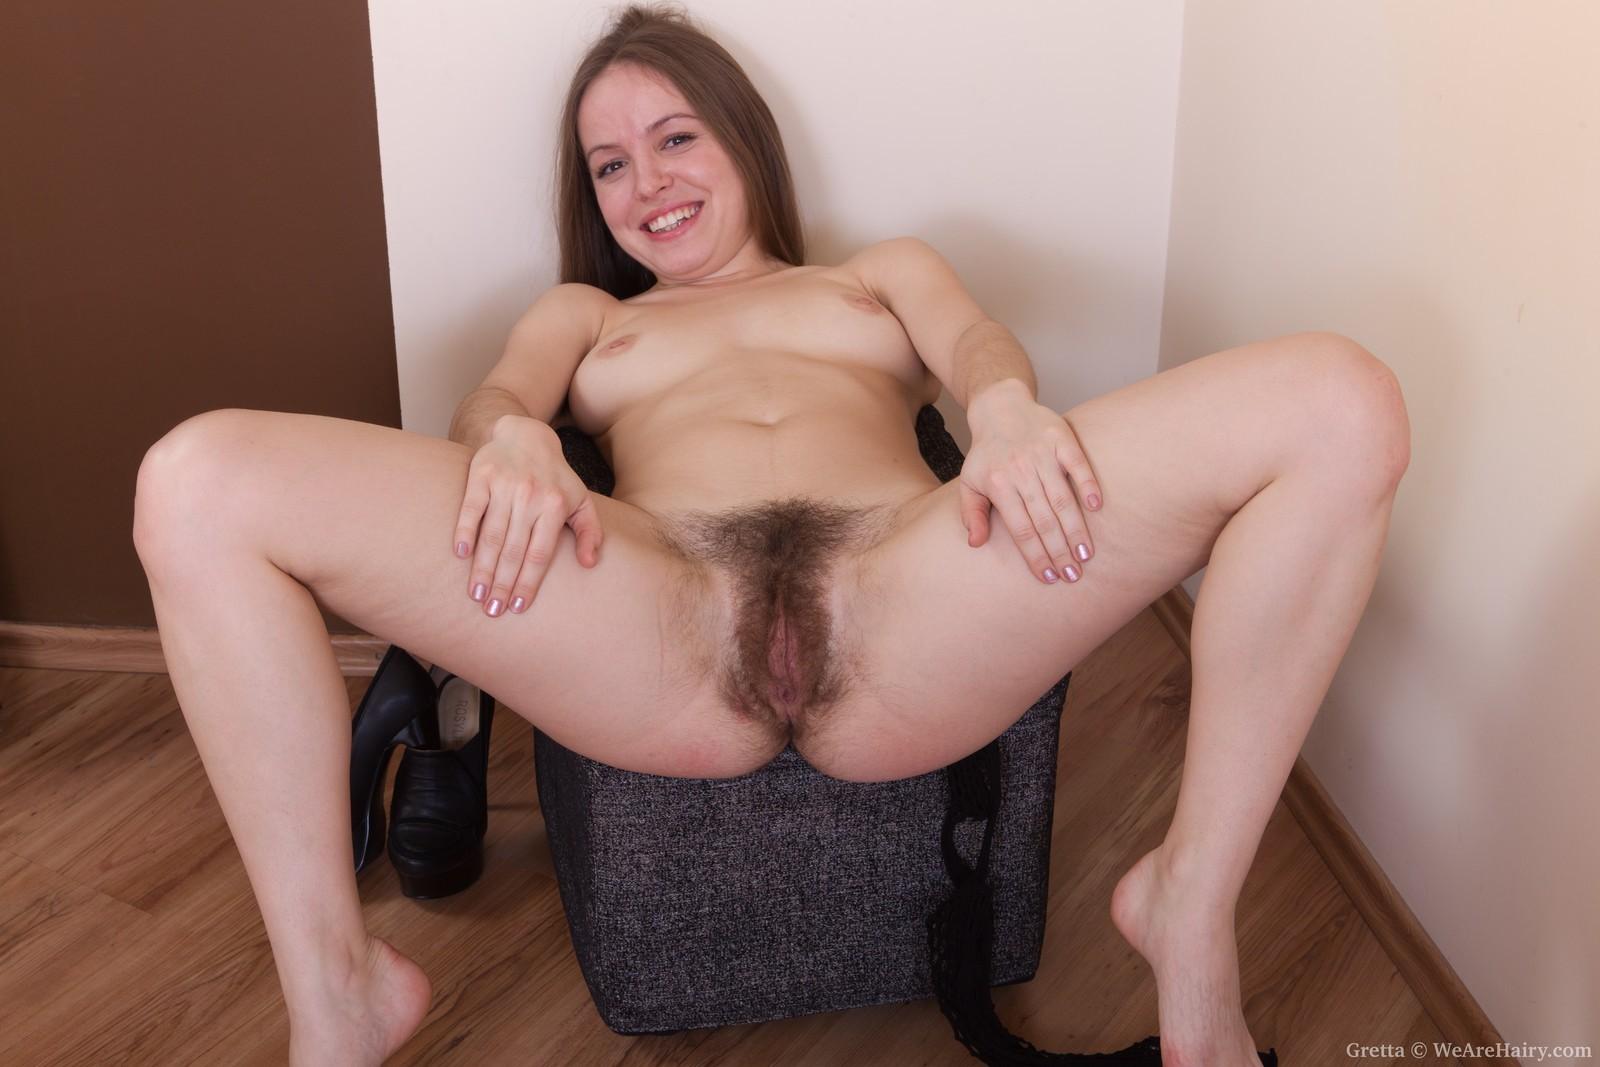 Curly angel gretta wears some revealing lingerie